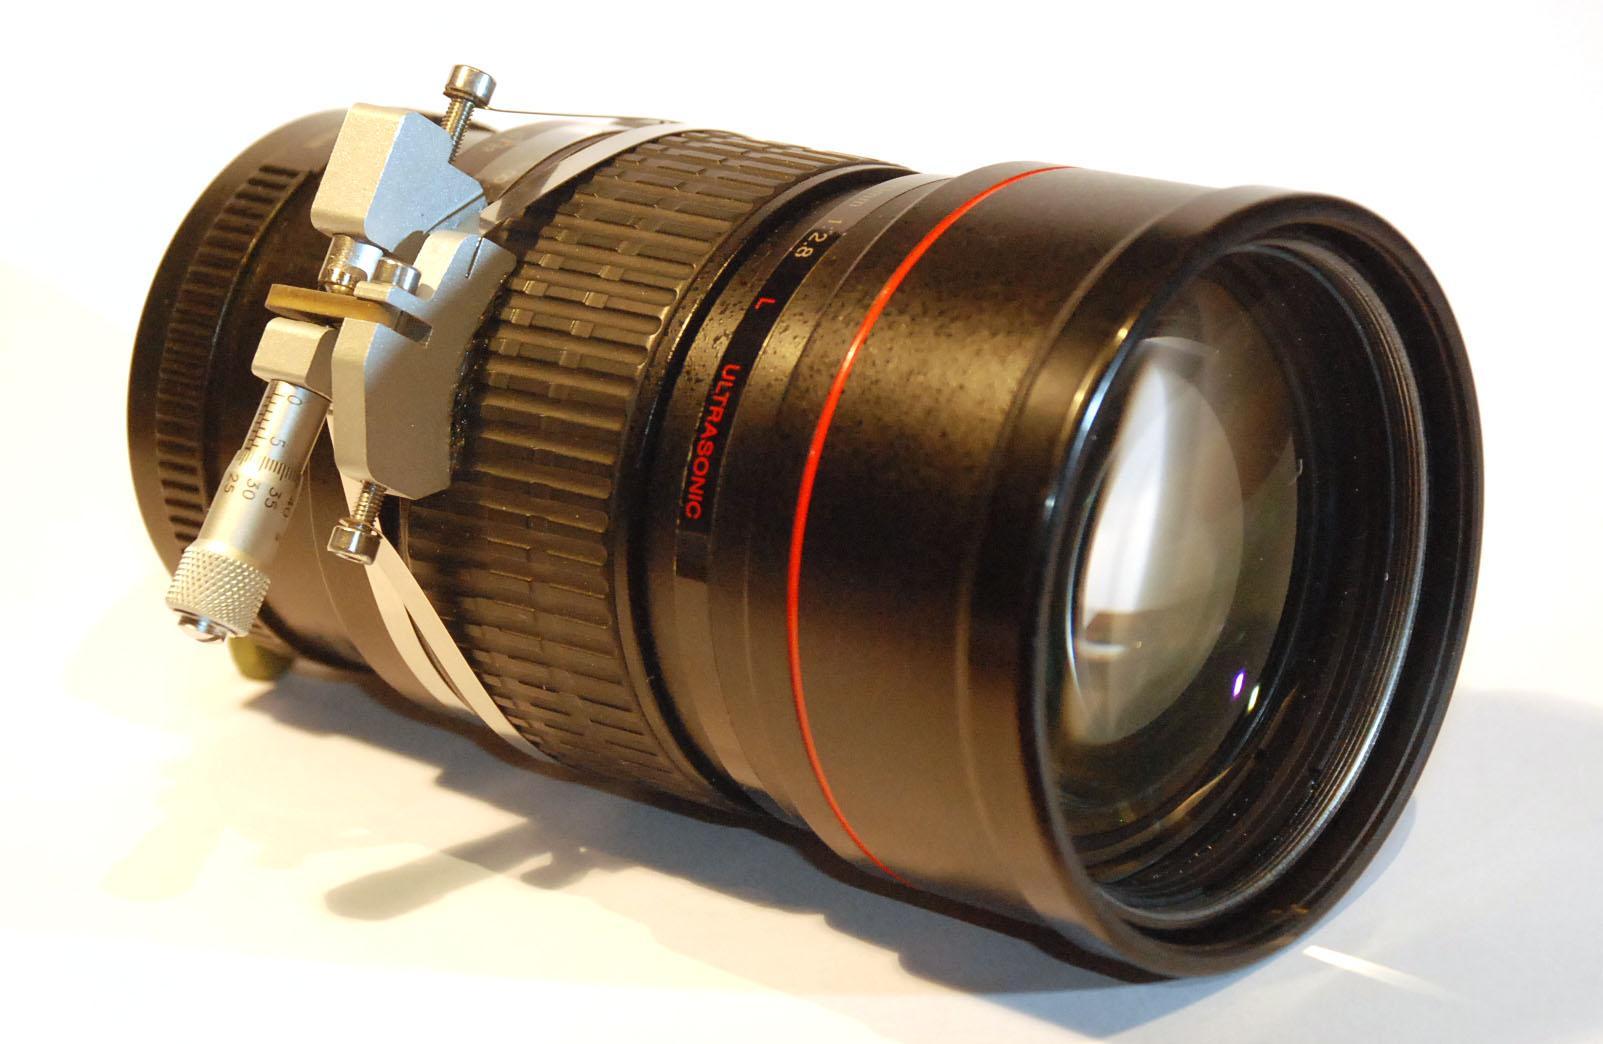 Canon EF 200 mm f/2.8 L I USM mit Fixfokus